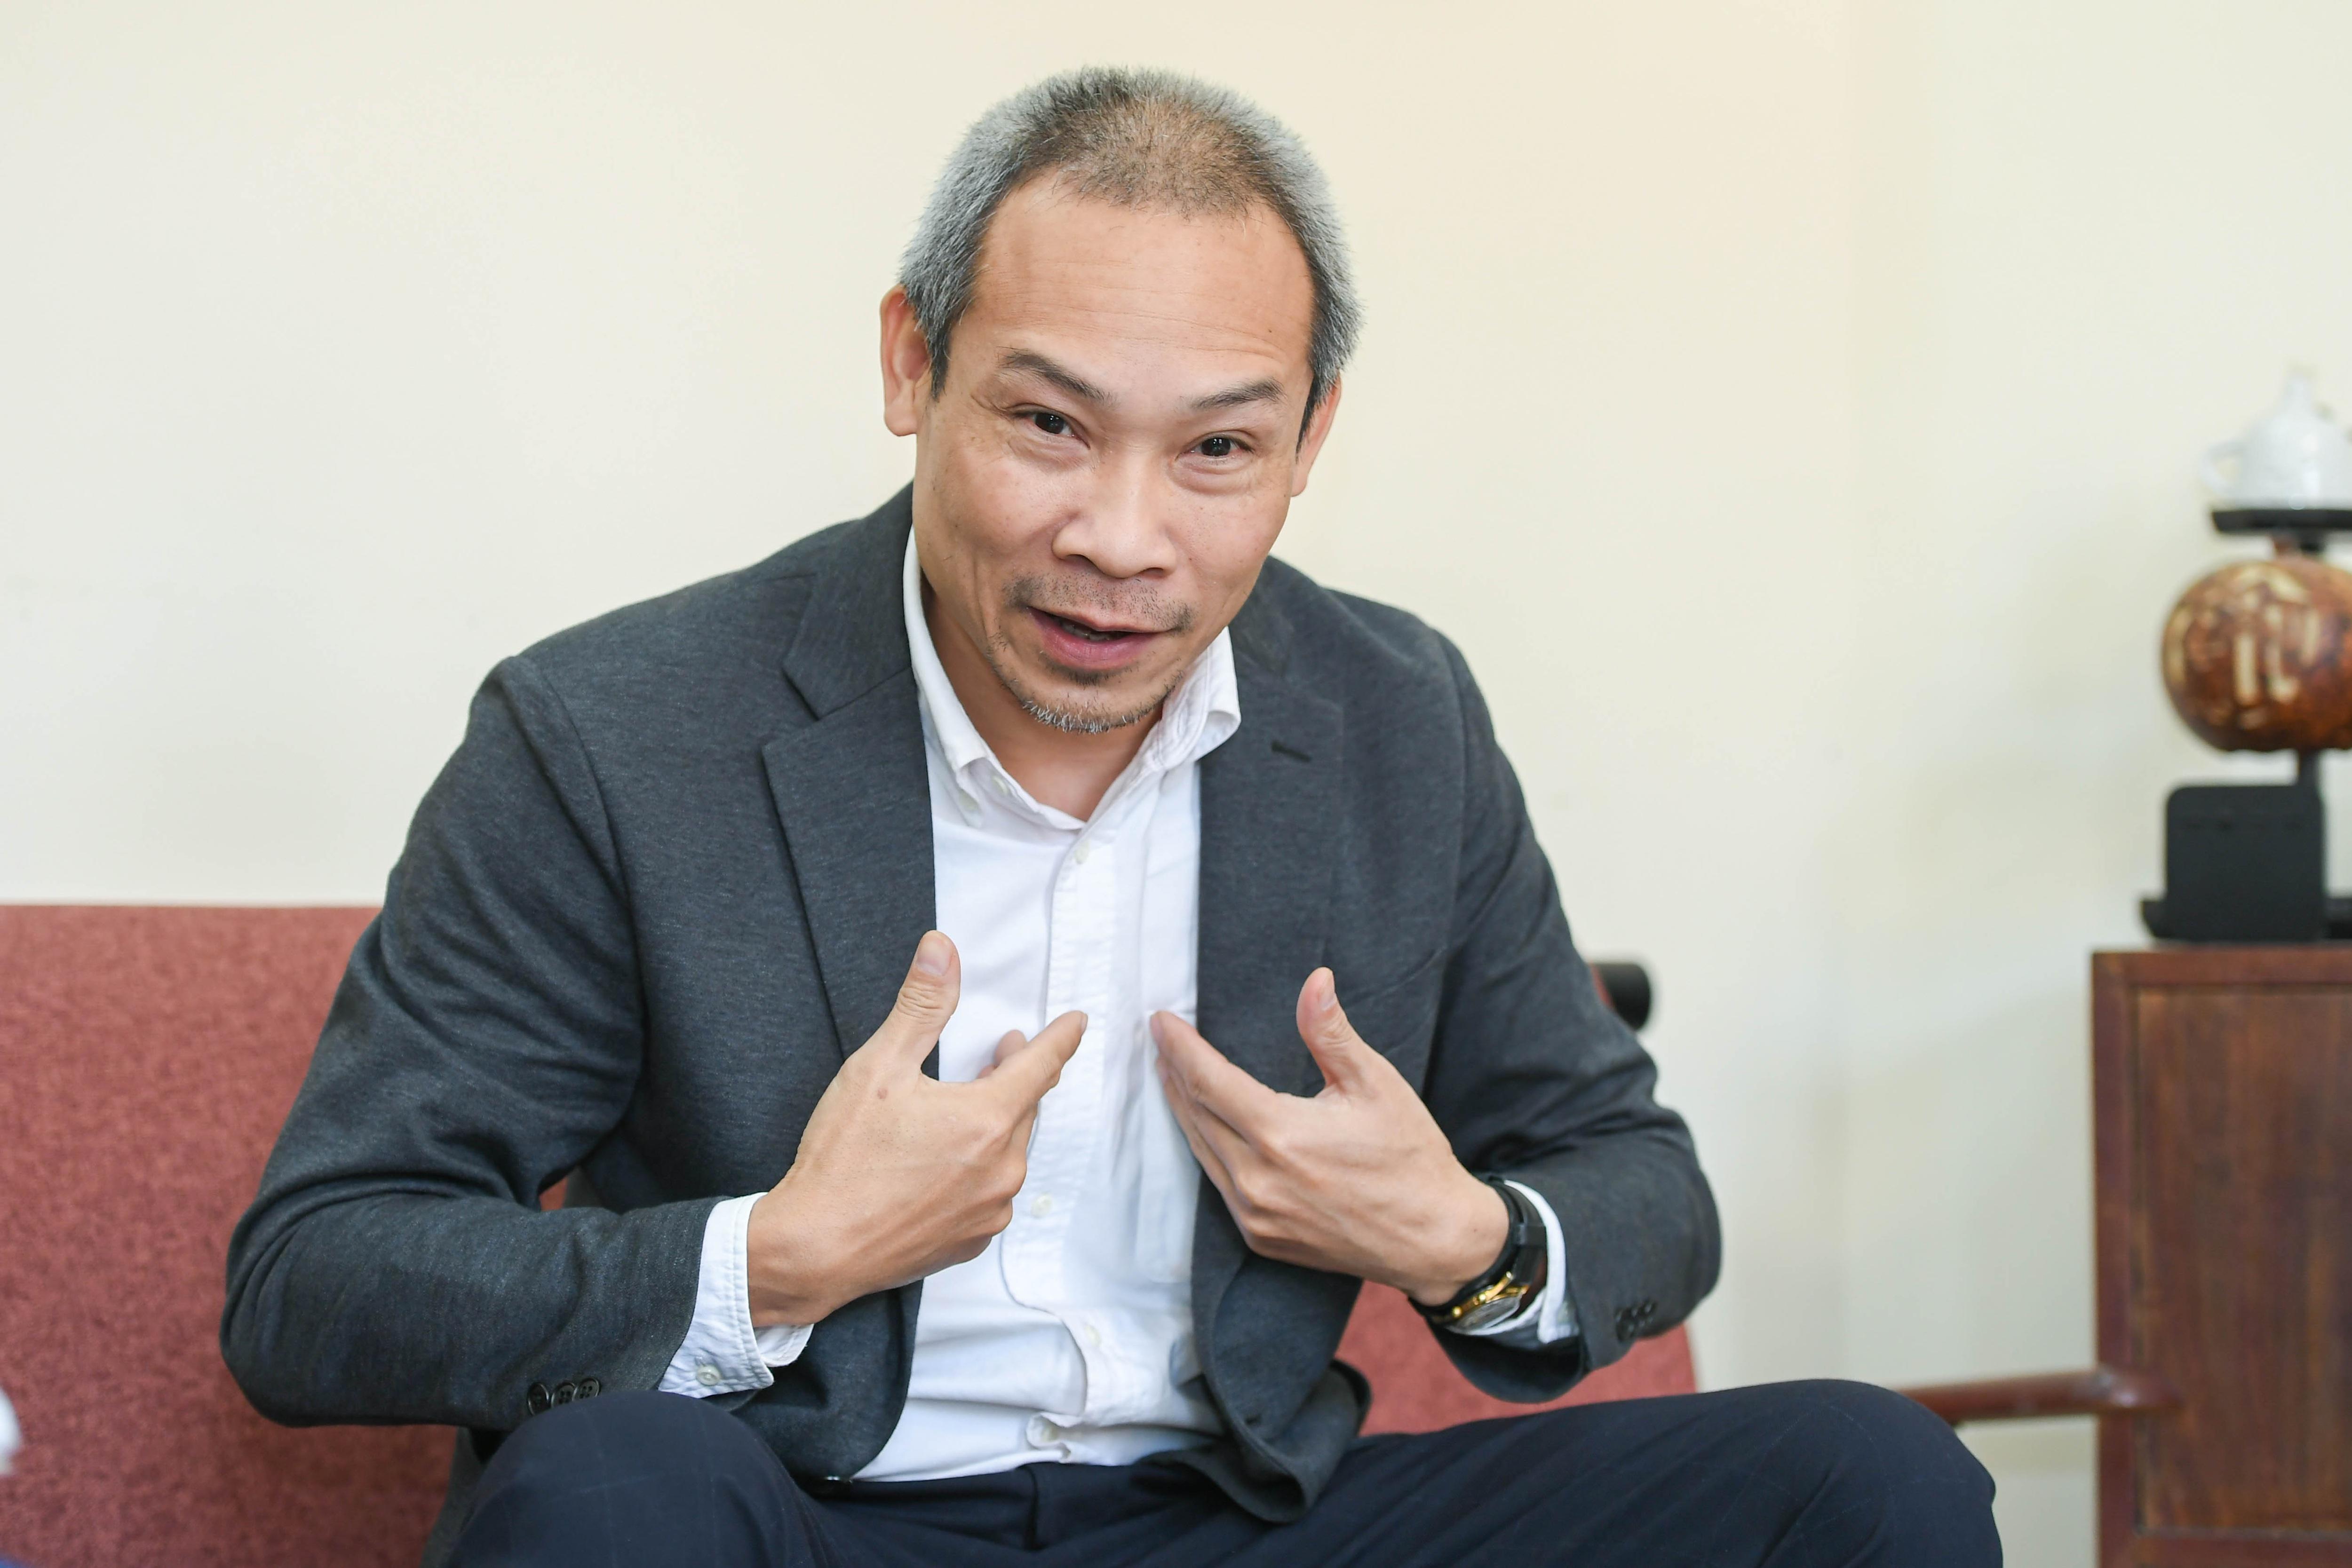 Ông Phan Đức Hiếu: Cơ hội kinh doanh không phải do giấy phép mà ra - 2